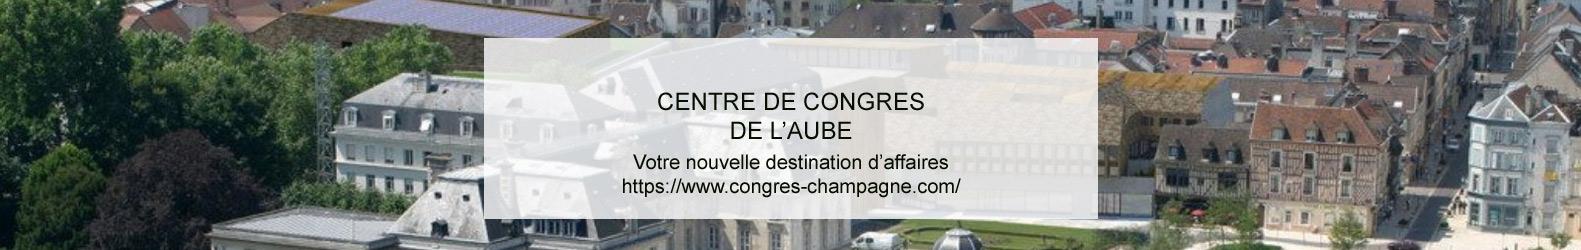 Centre de Congrès de l'Aube